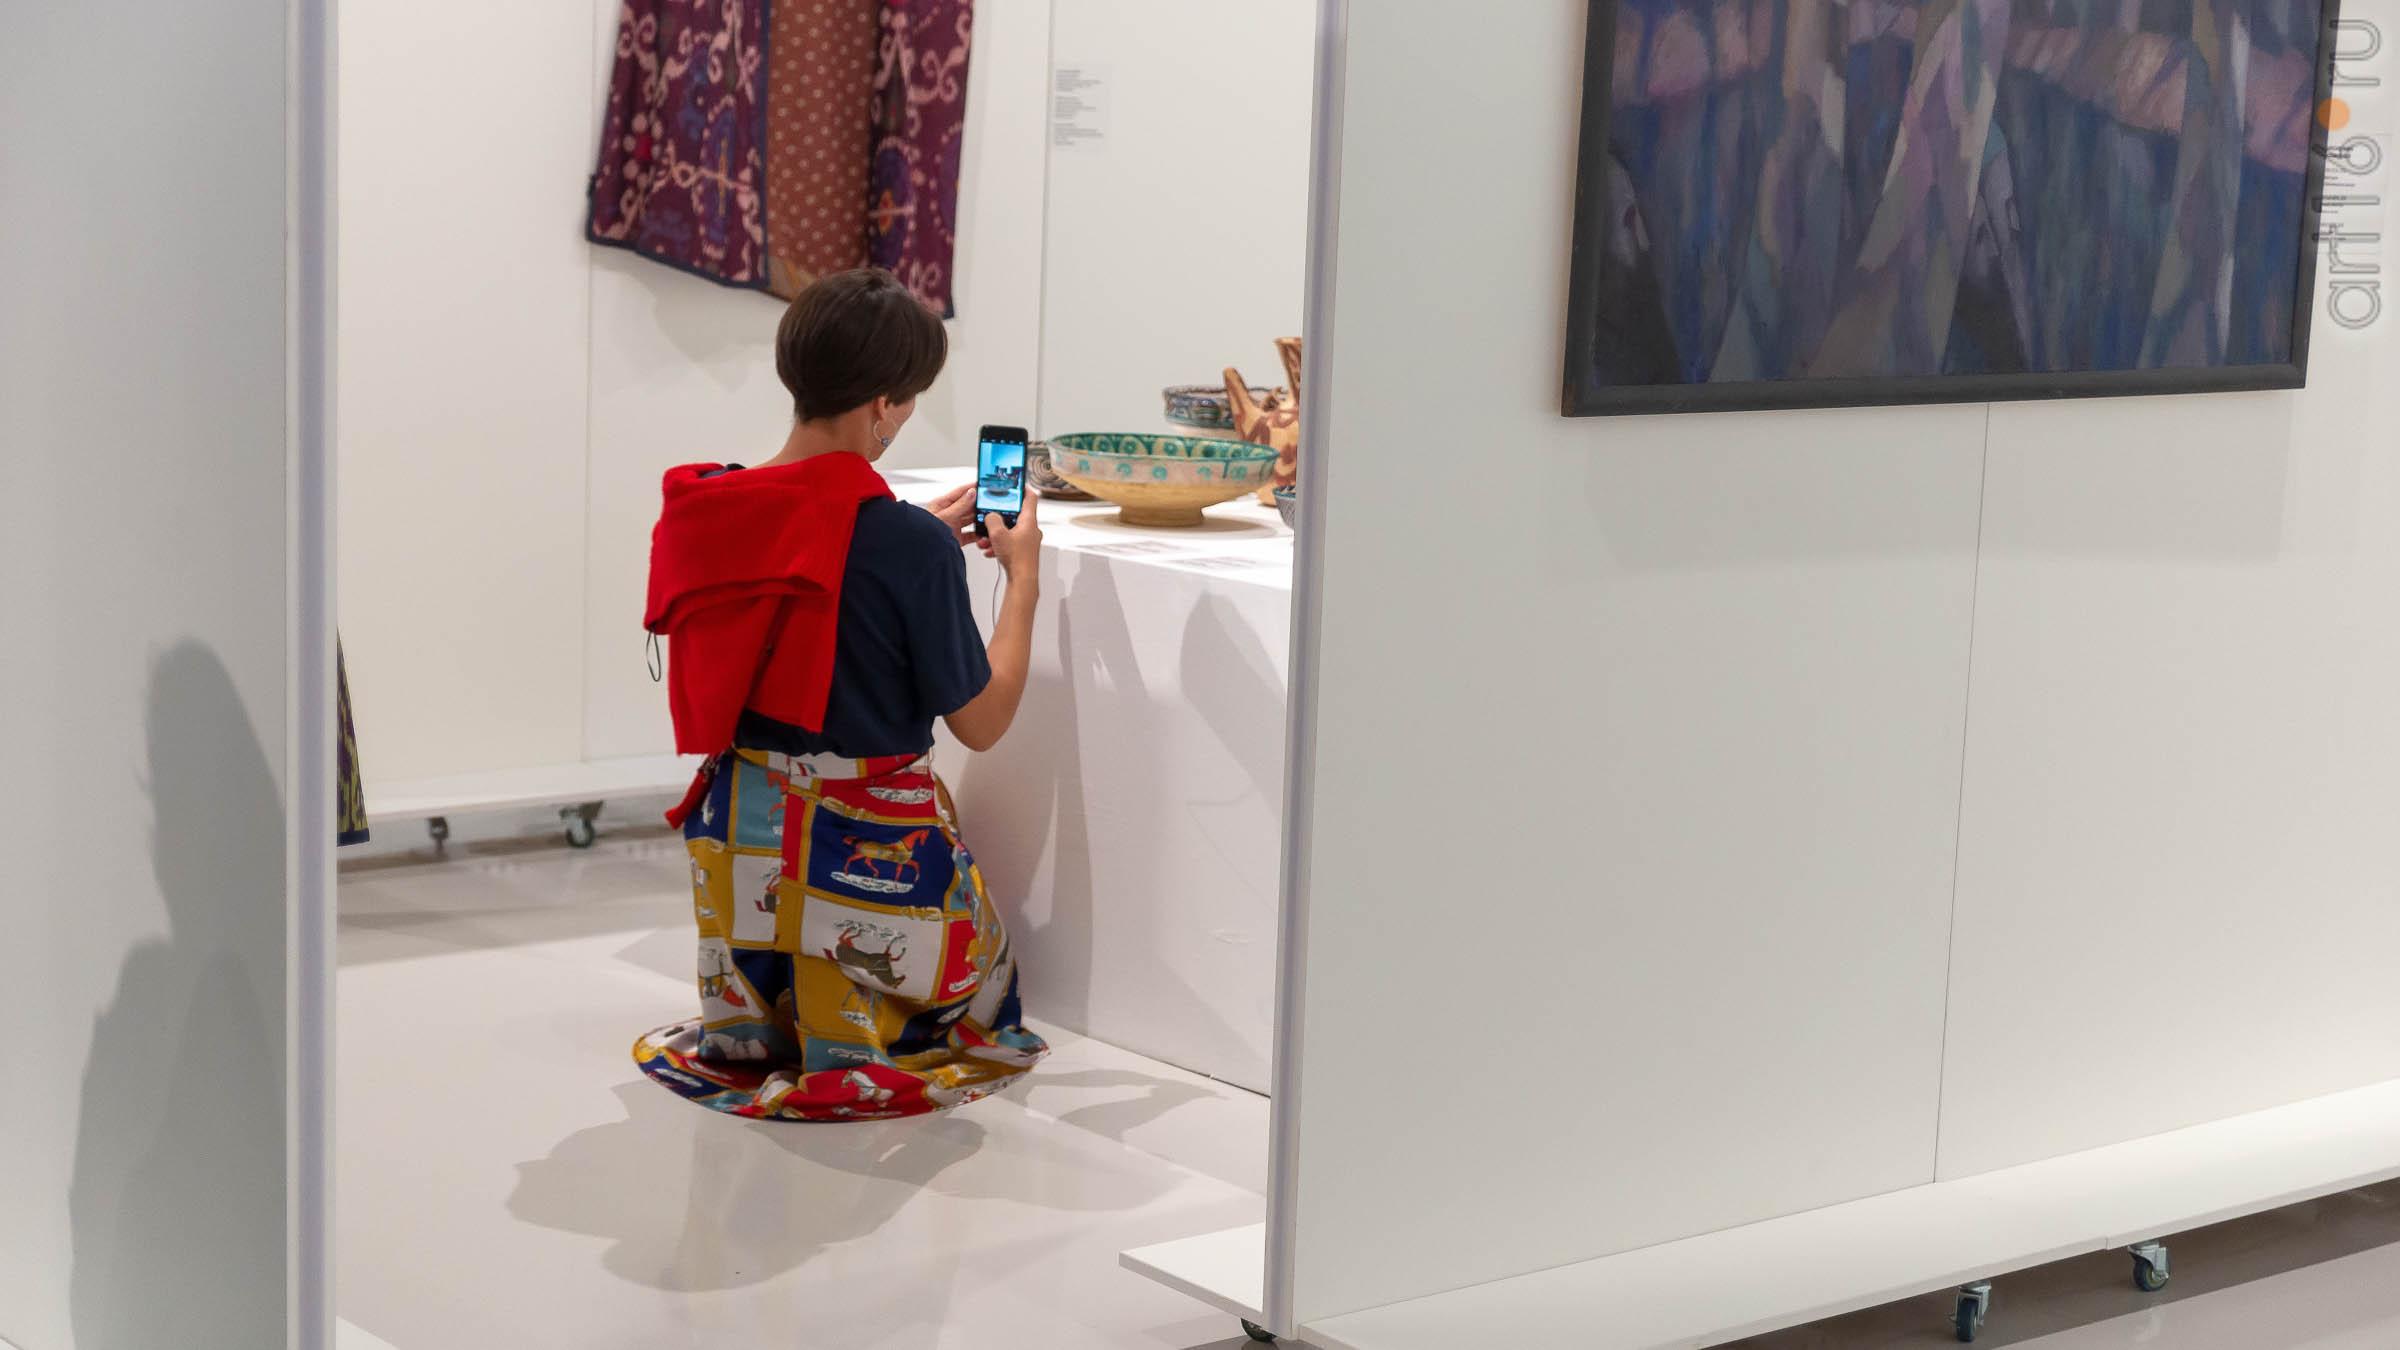 В экспозиции выставки ʺК солнцуʺ А. Акилова::Александр Акилов. К солнцу